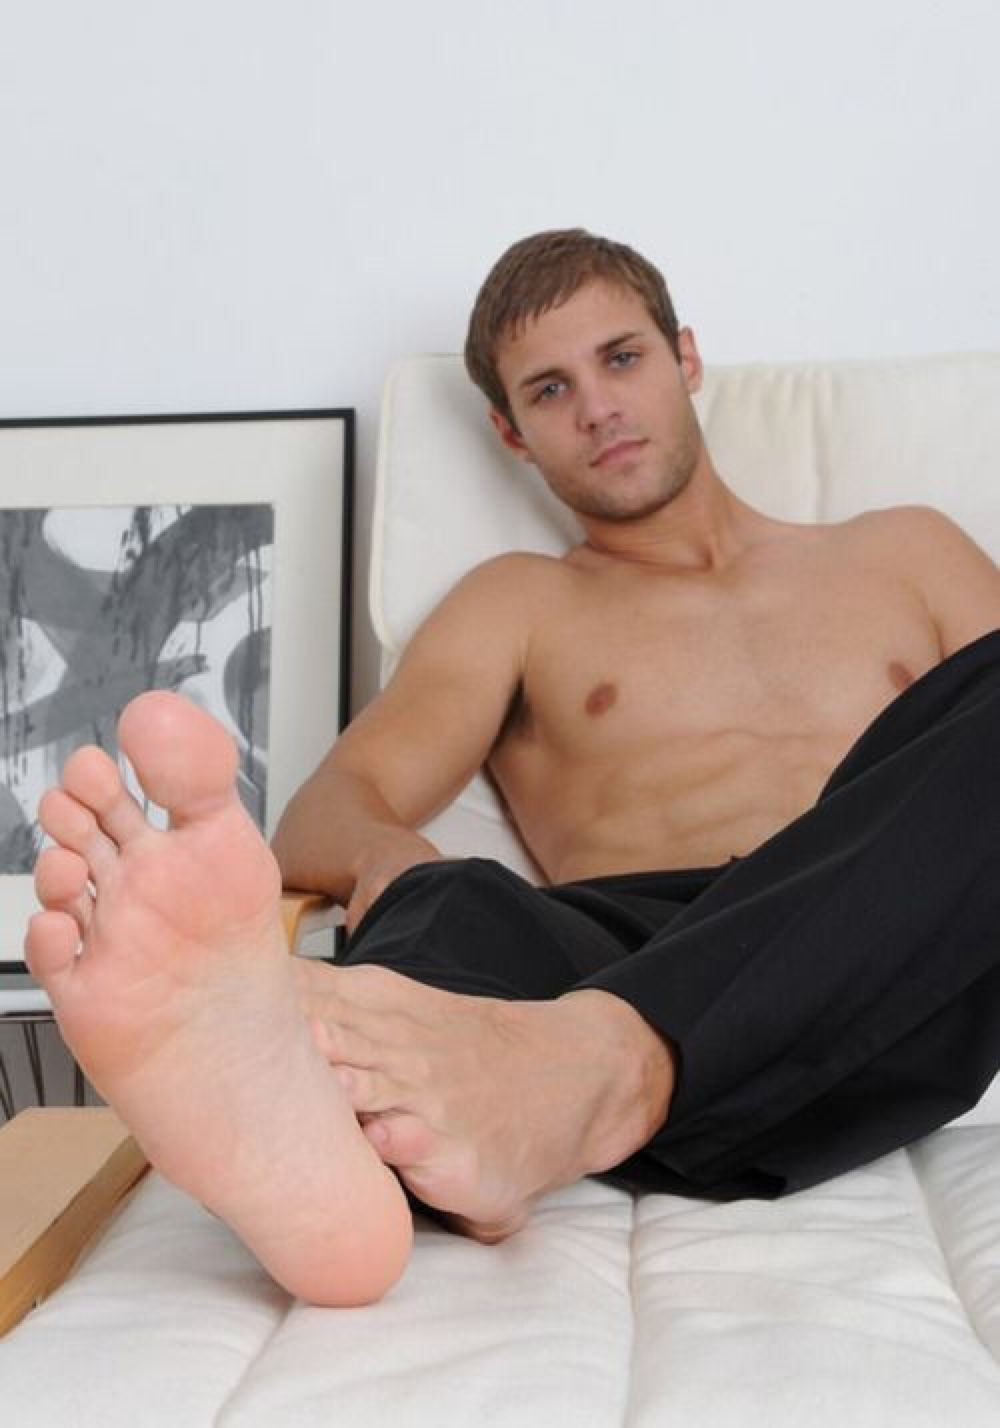 Videos Gay Teen Feet And Nude Teen Boy Feet And Gay Legs Fetish Movies